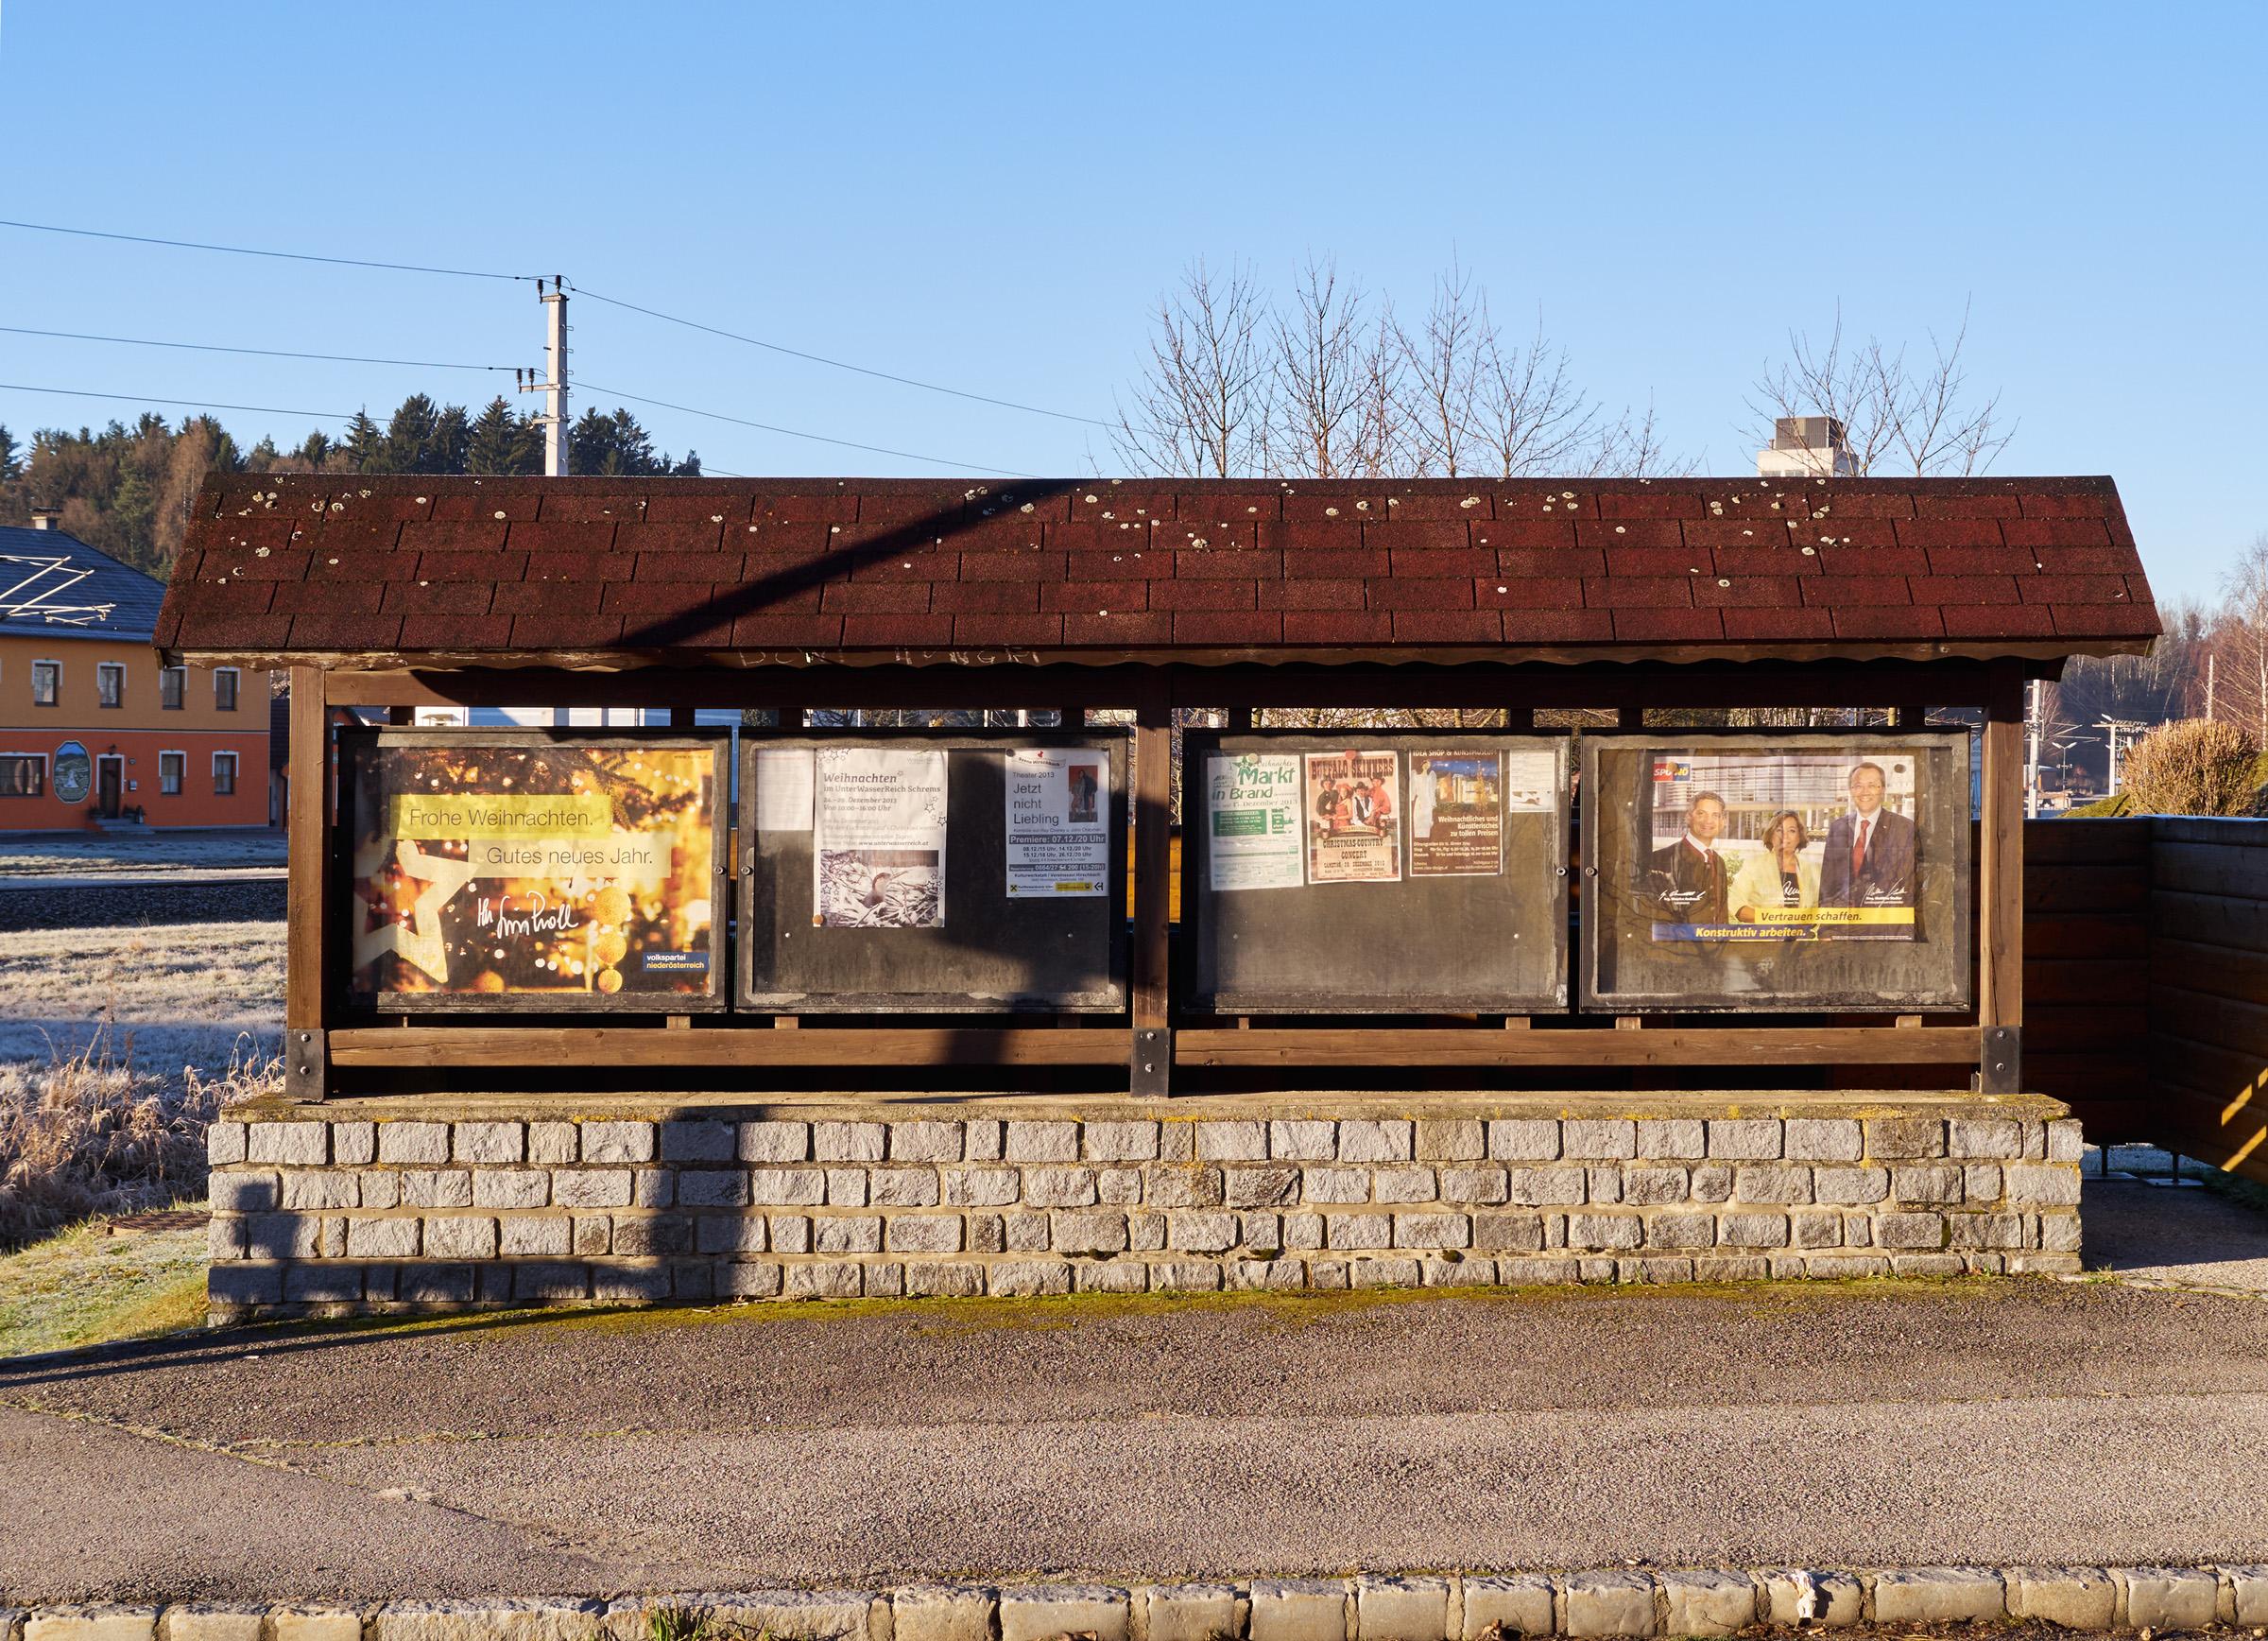 Pürbach nah 2013-12-16.jpg